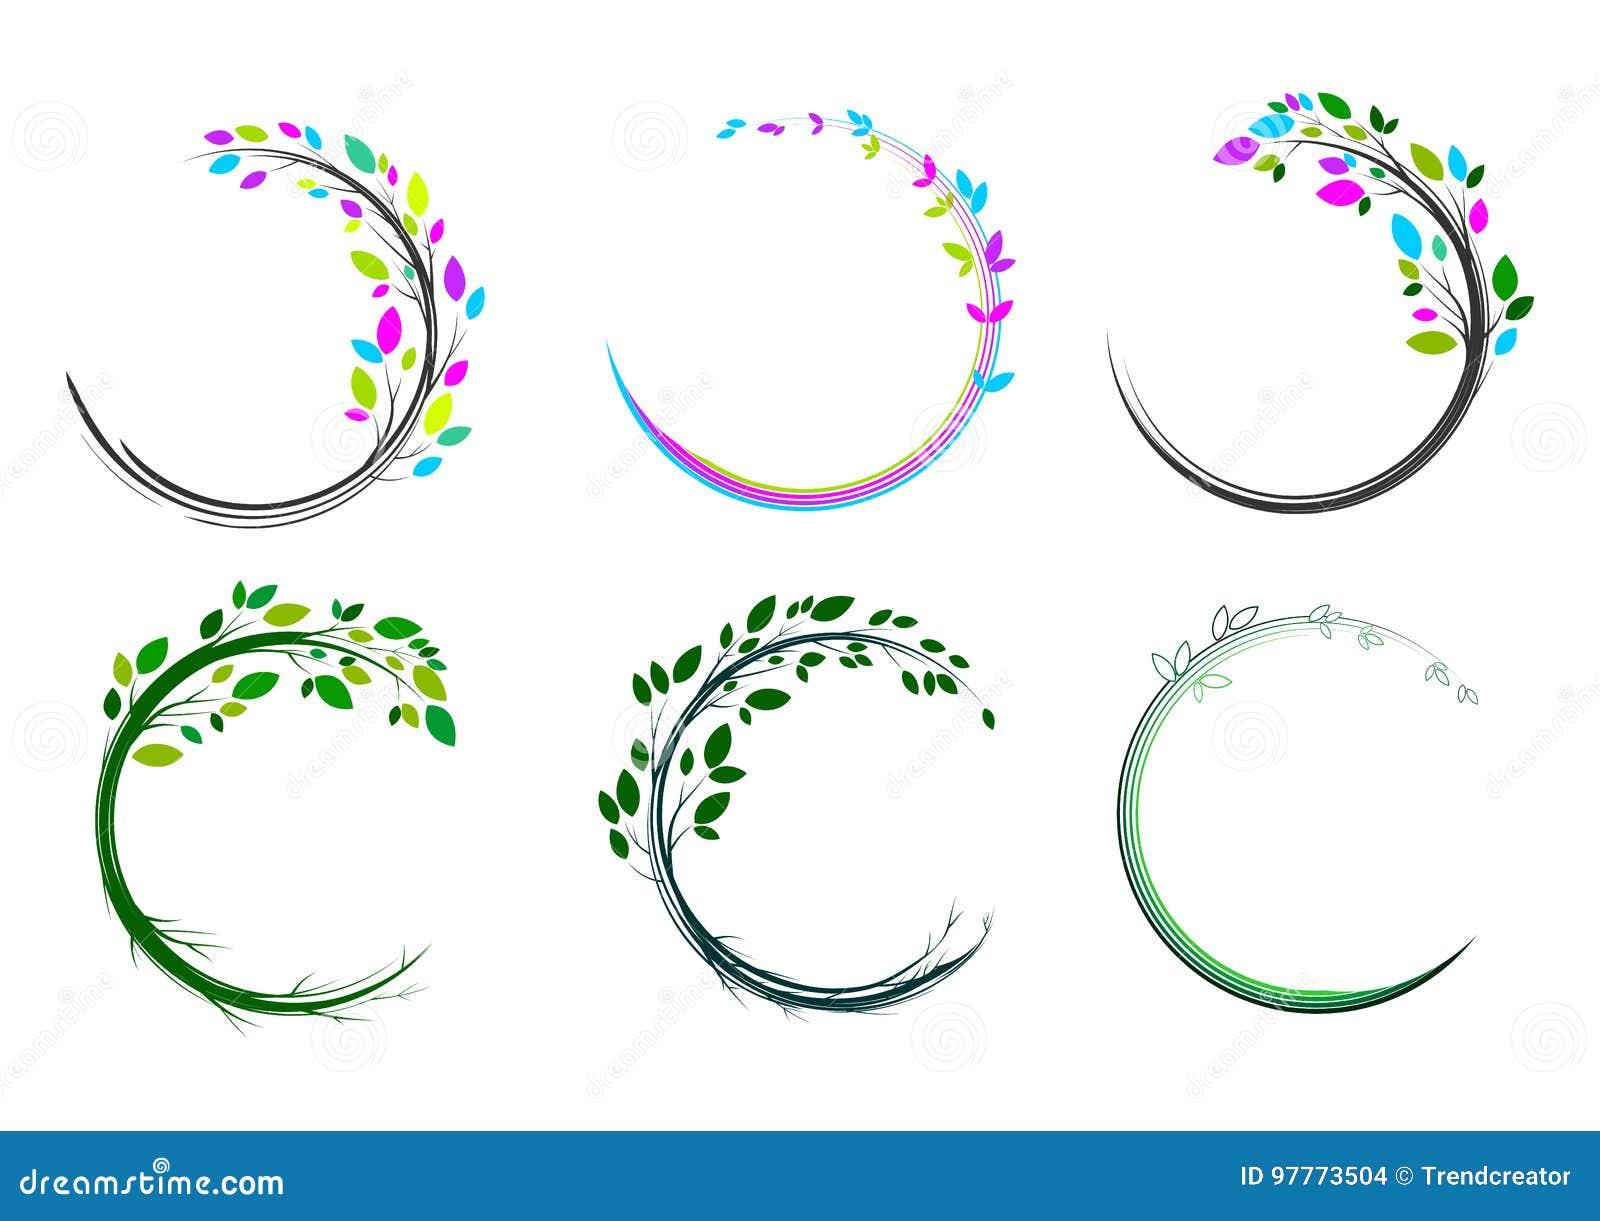 Logotipo del círculo de la hoja, balneario, masaje, hierba, icono, planta, educación, yoga, salud, y diseño de concepto de la nat